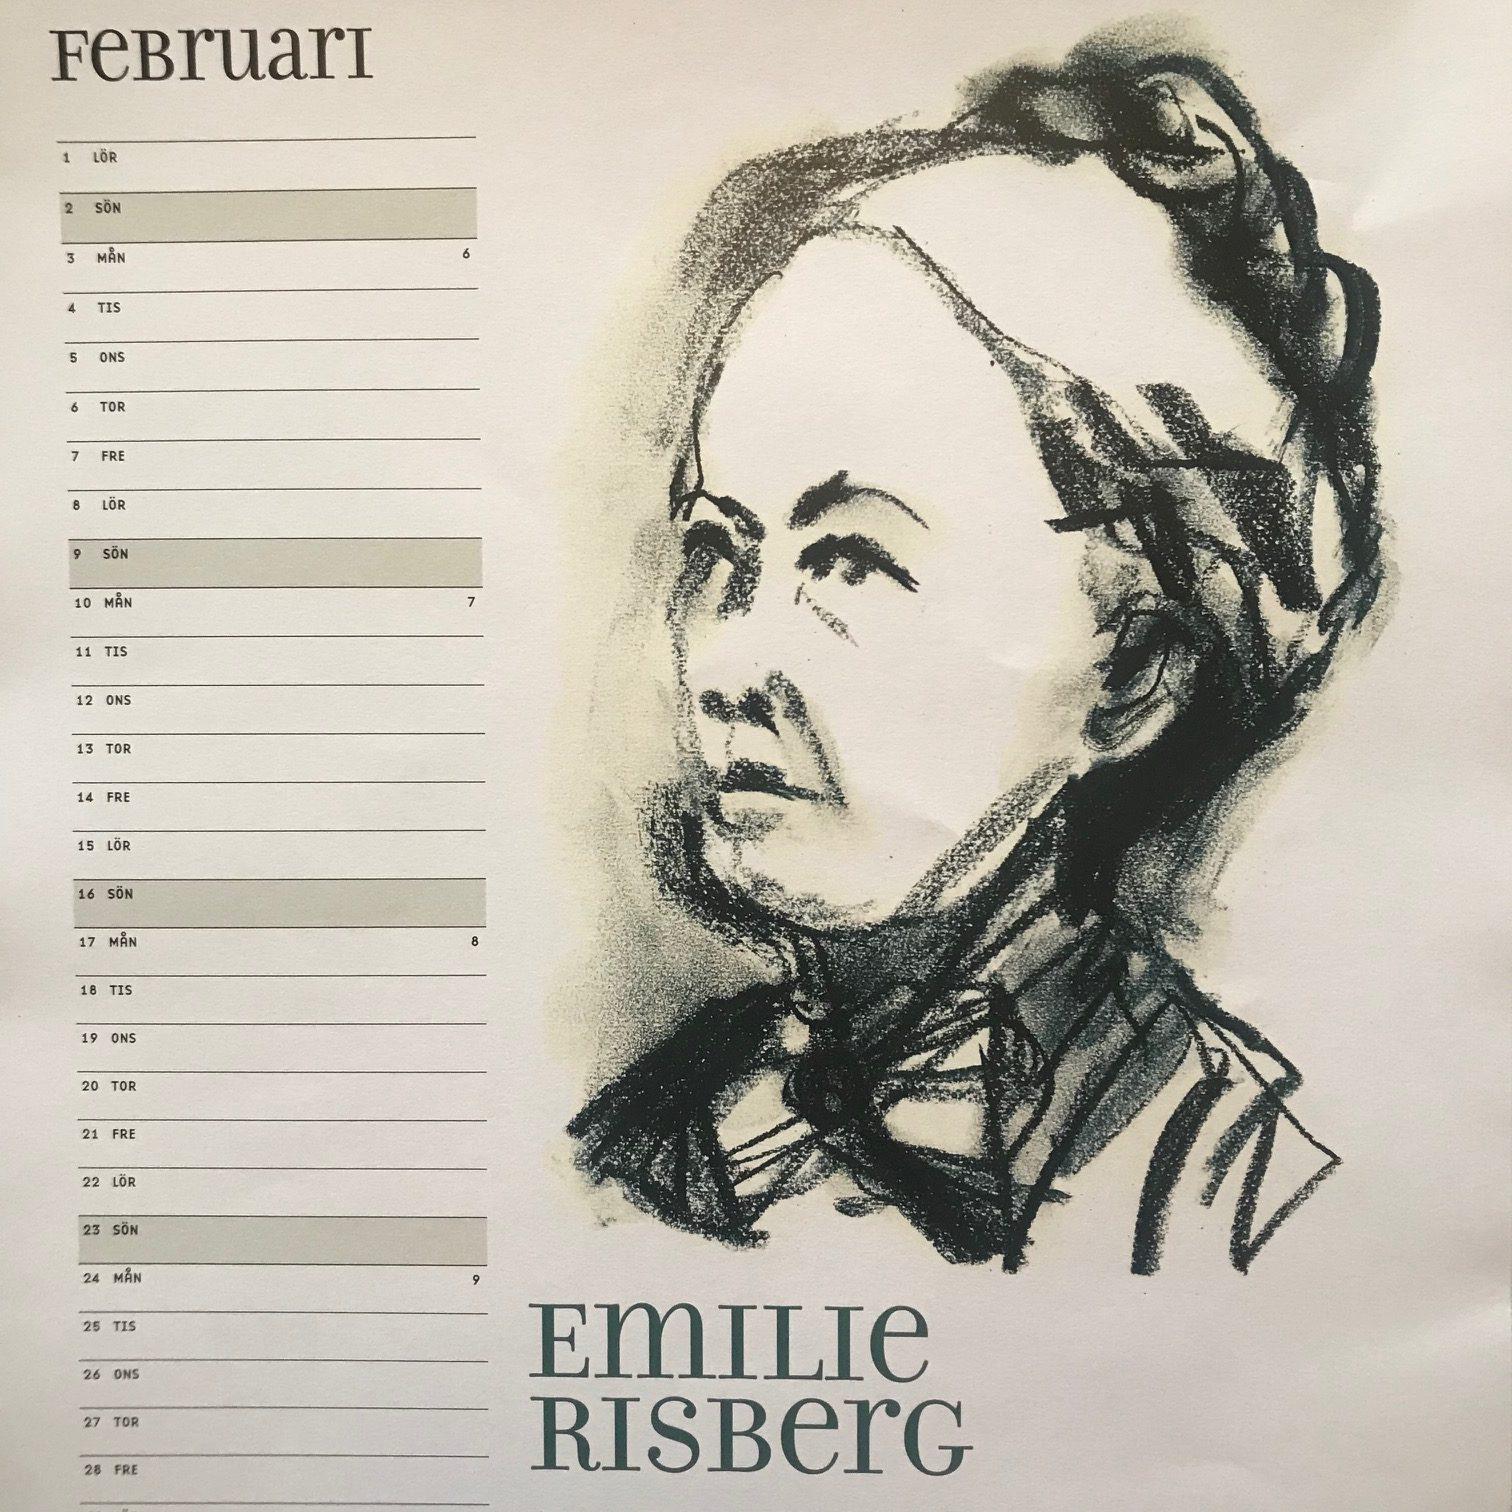 Emelie Risberg